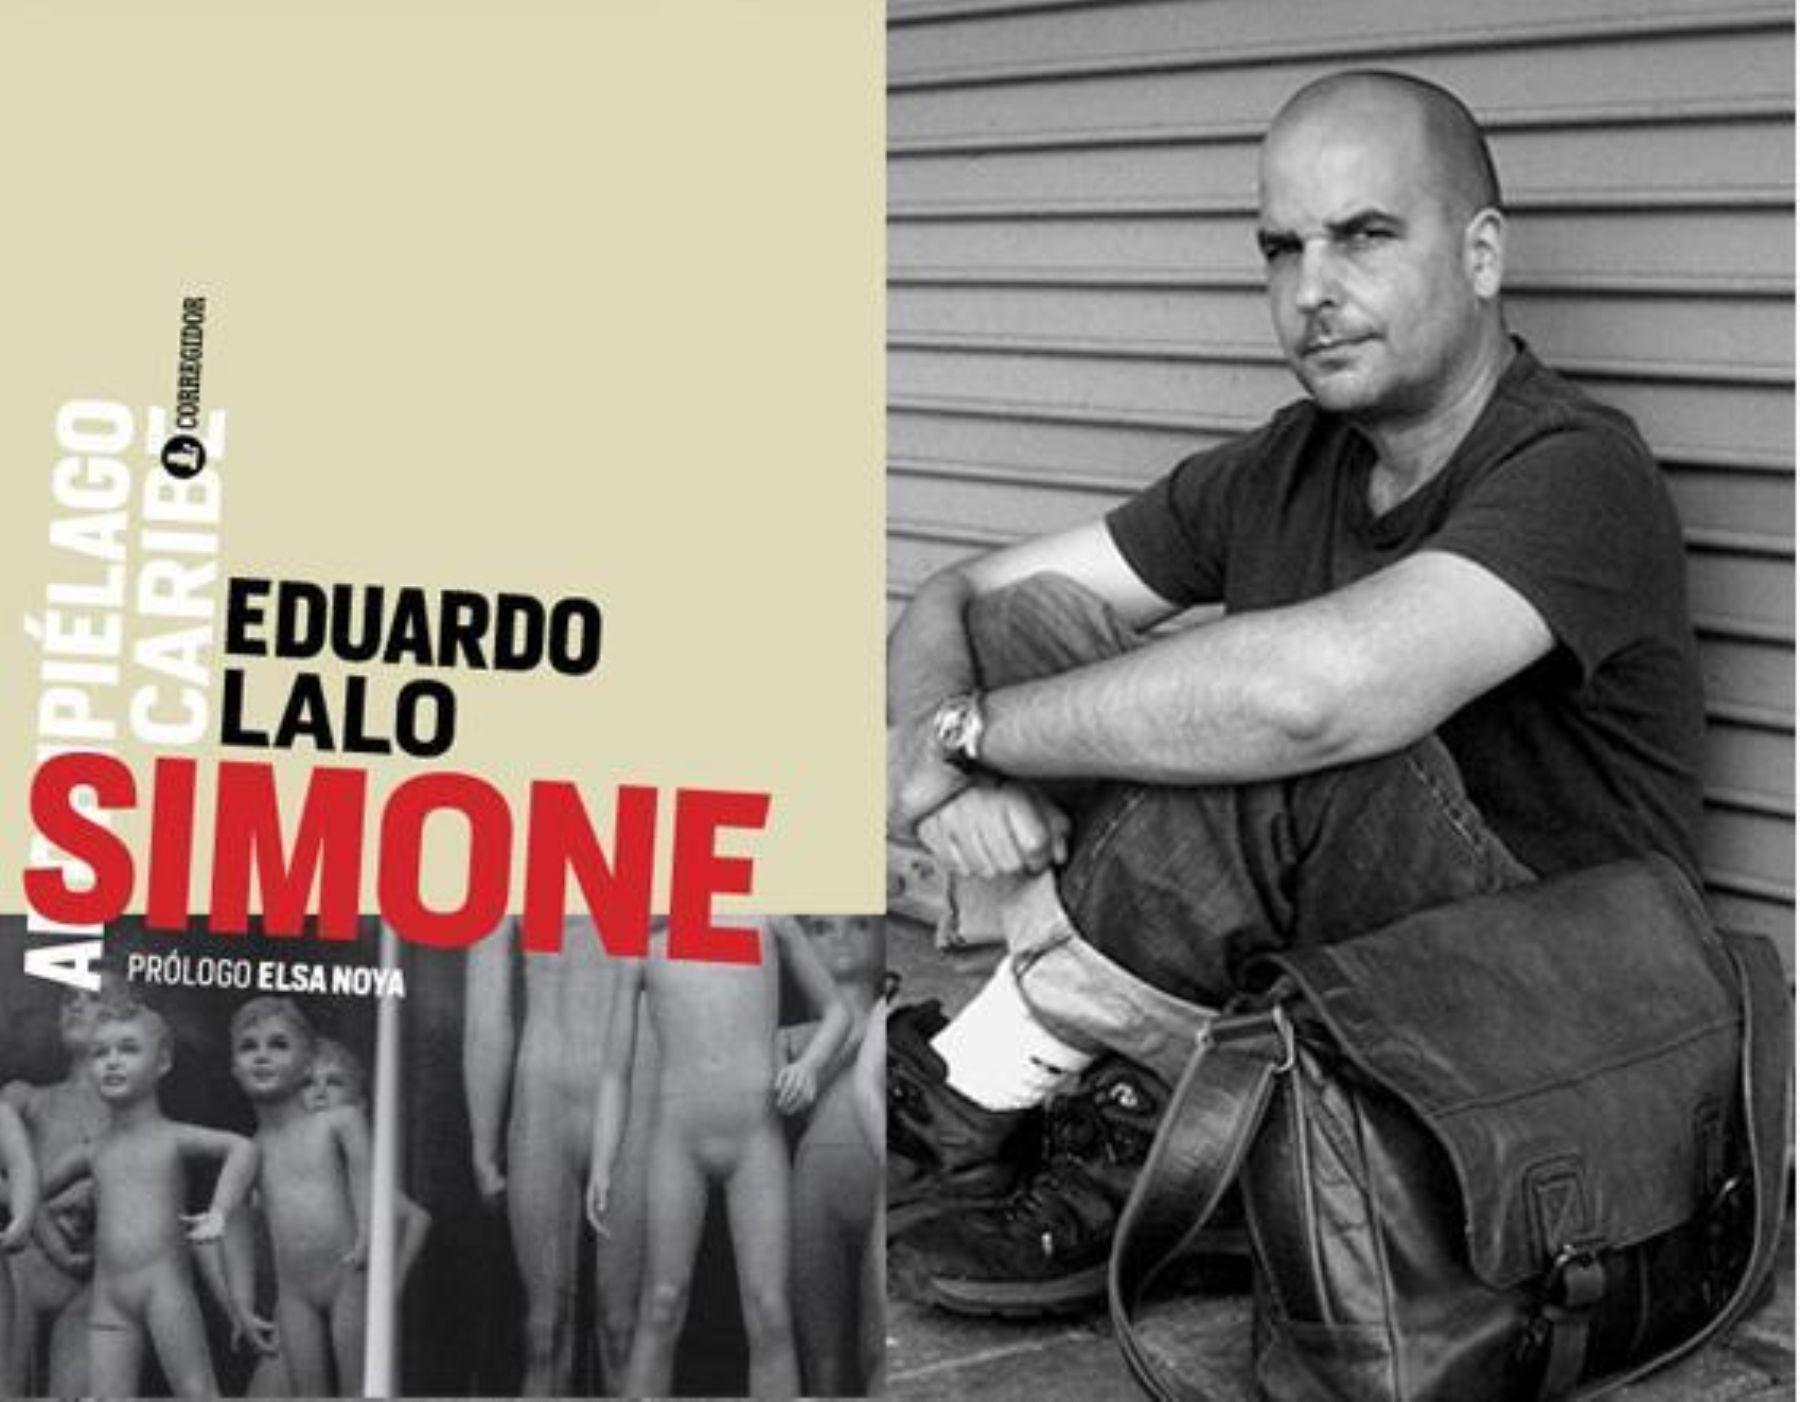 El ganador del premio Rómulo Gallegos 2013 es Eduardo Lalo.